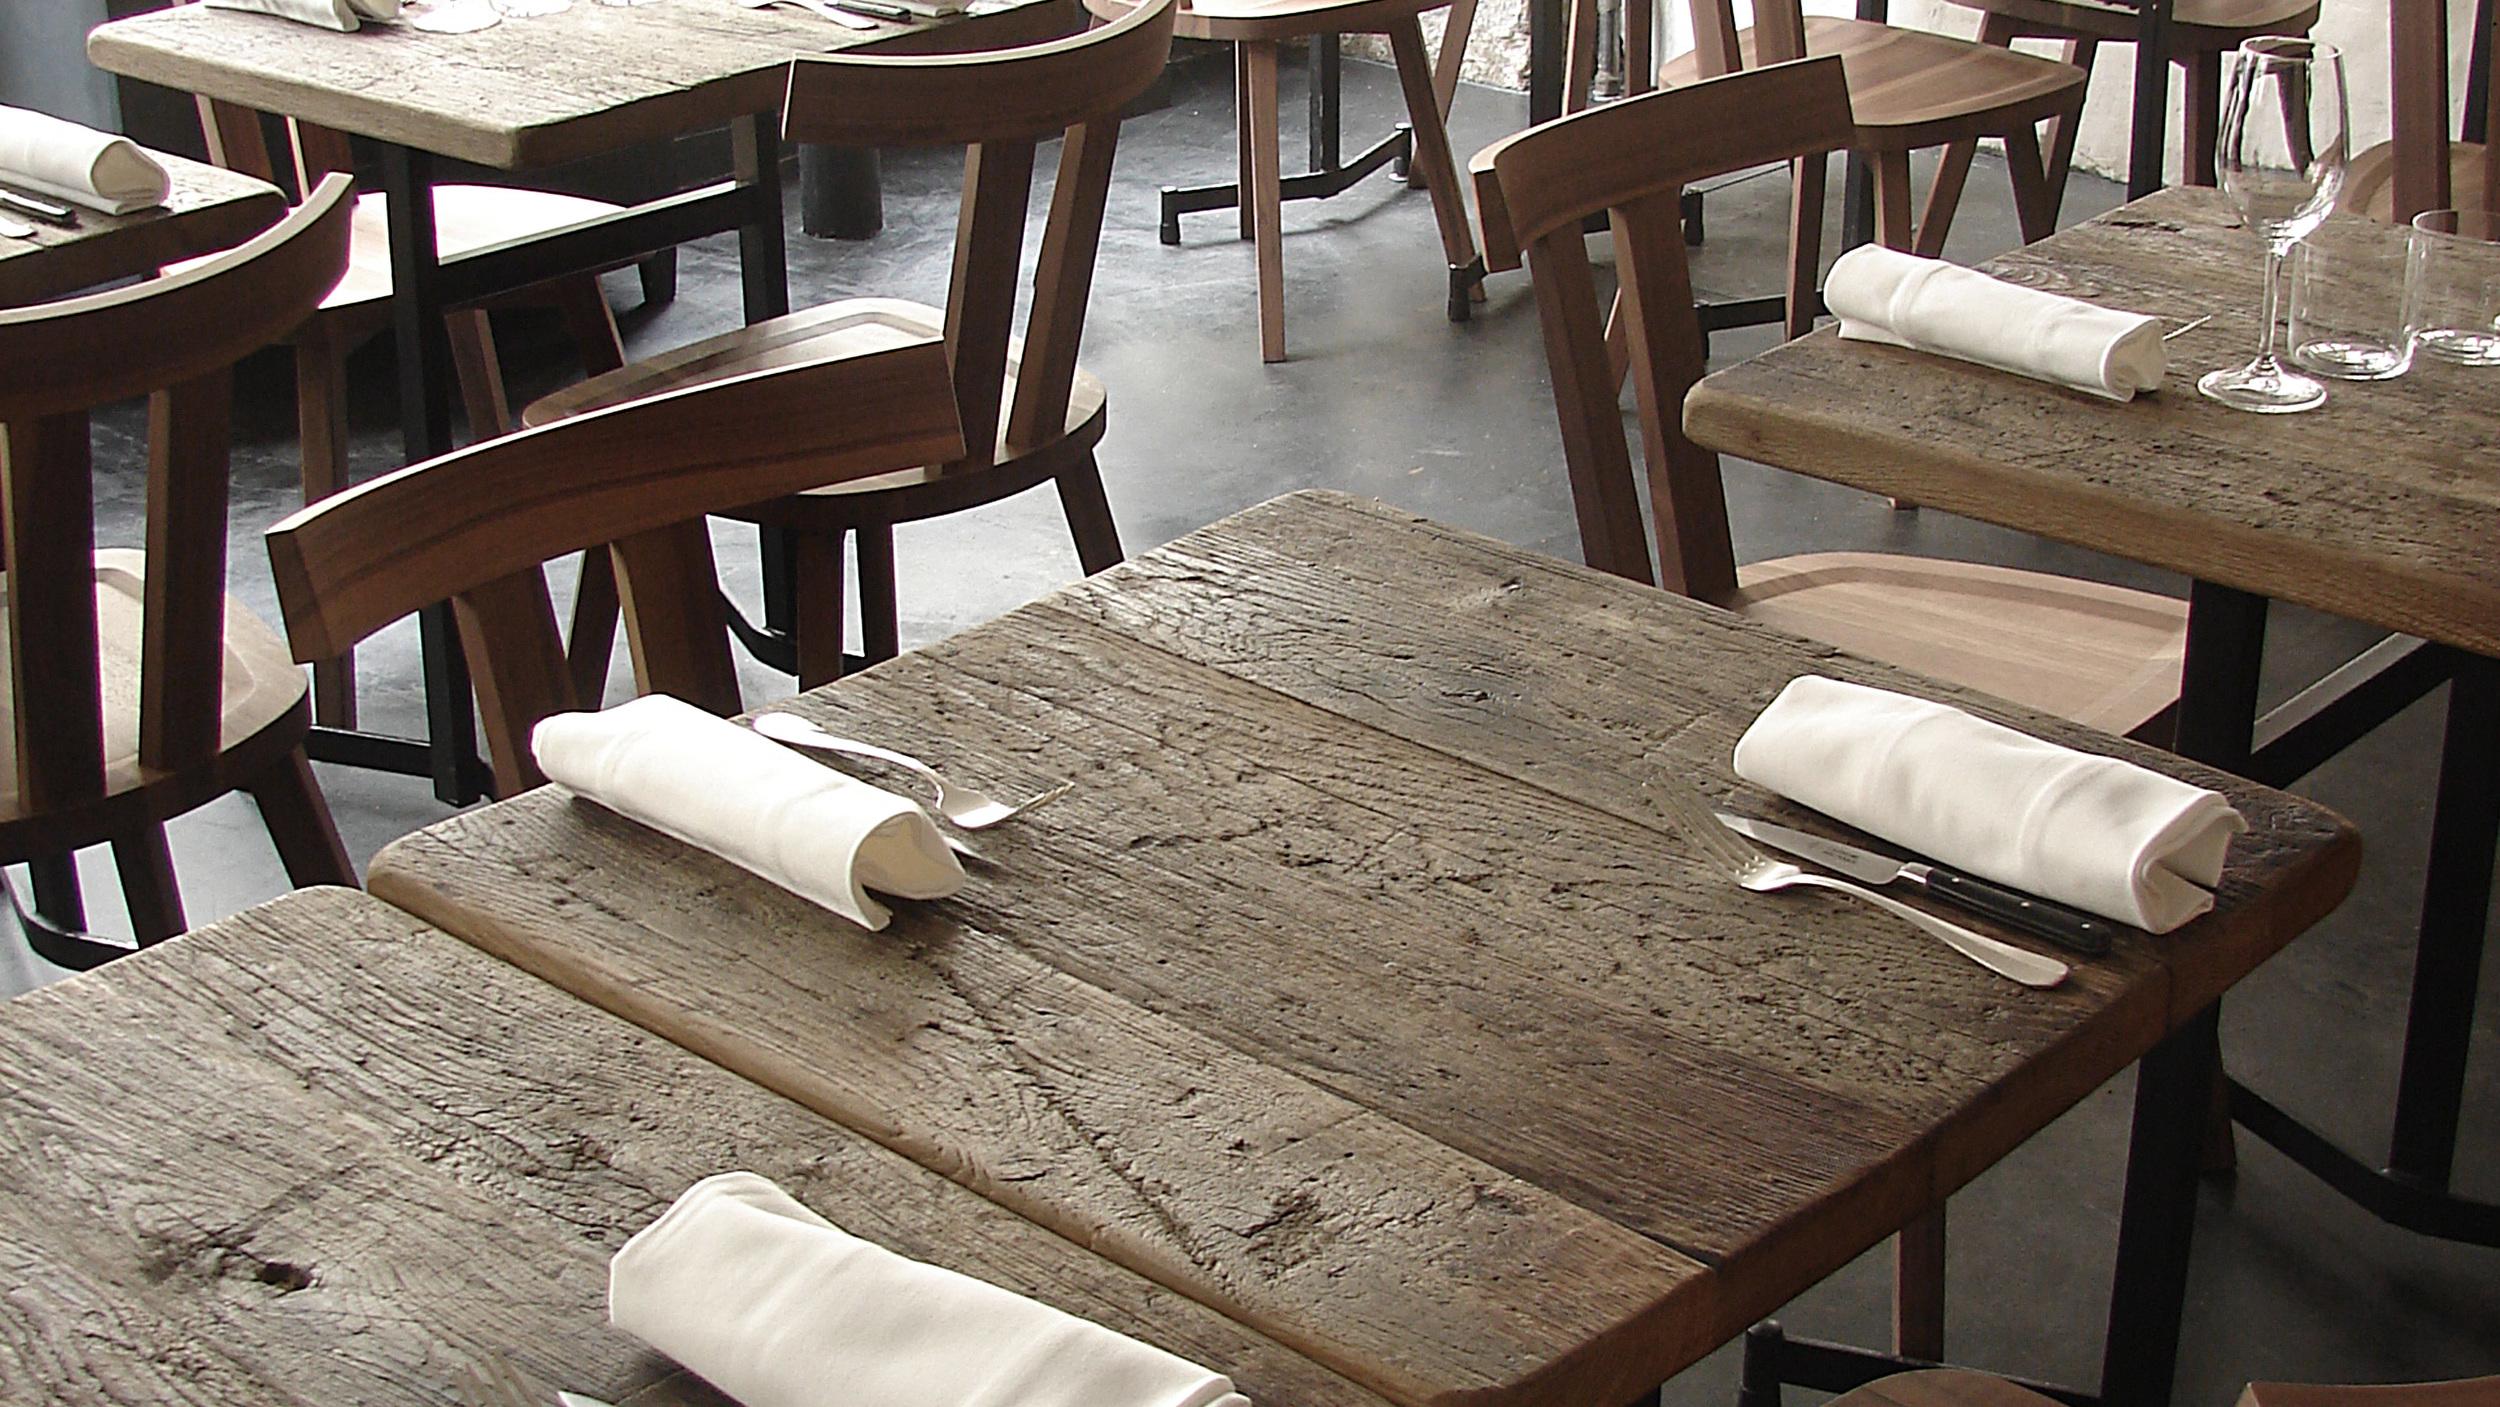 TABLE TOP_SLIDE_03.jpg